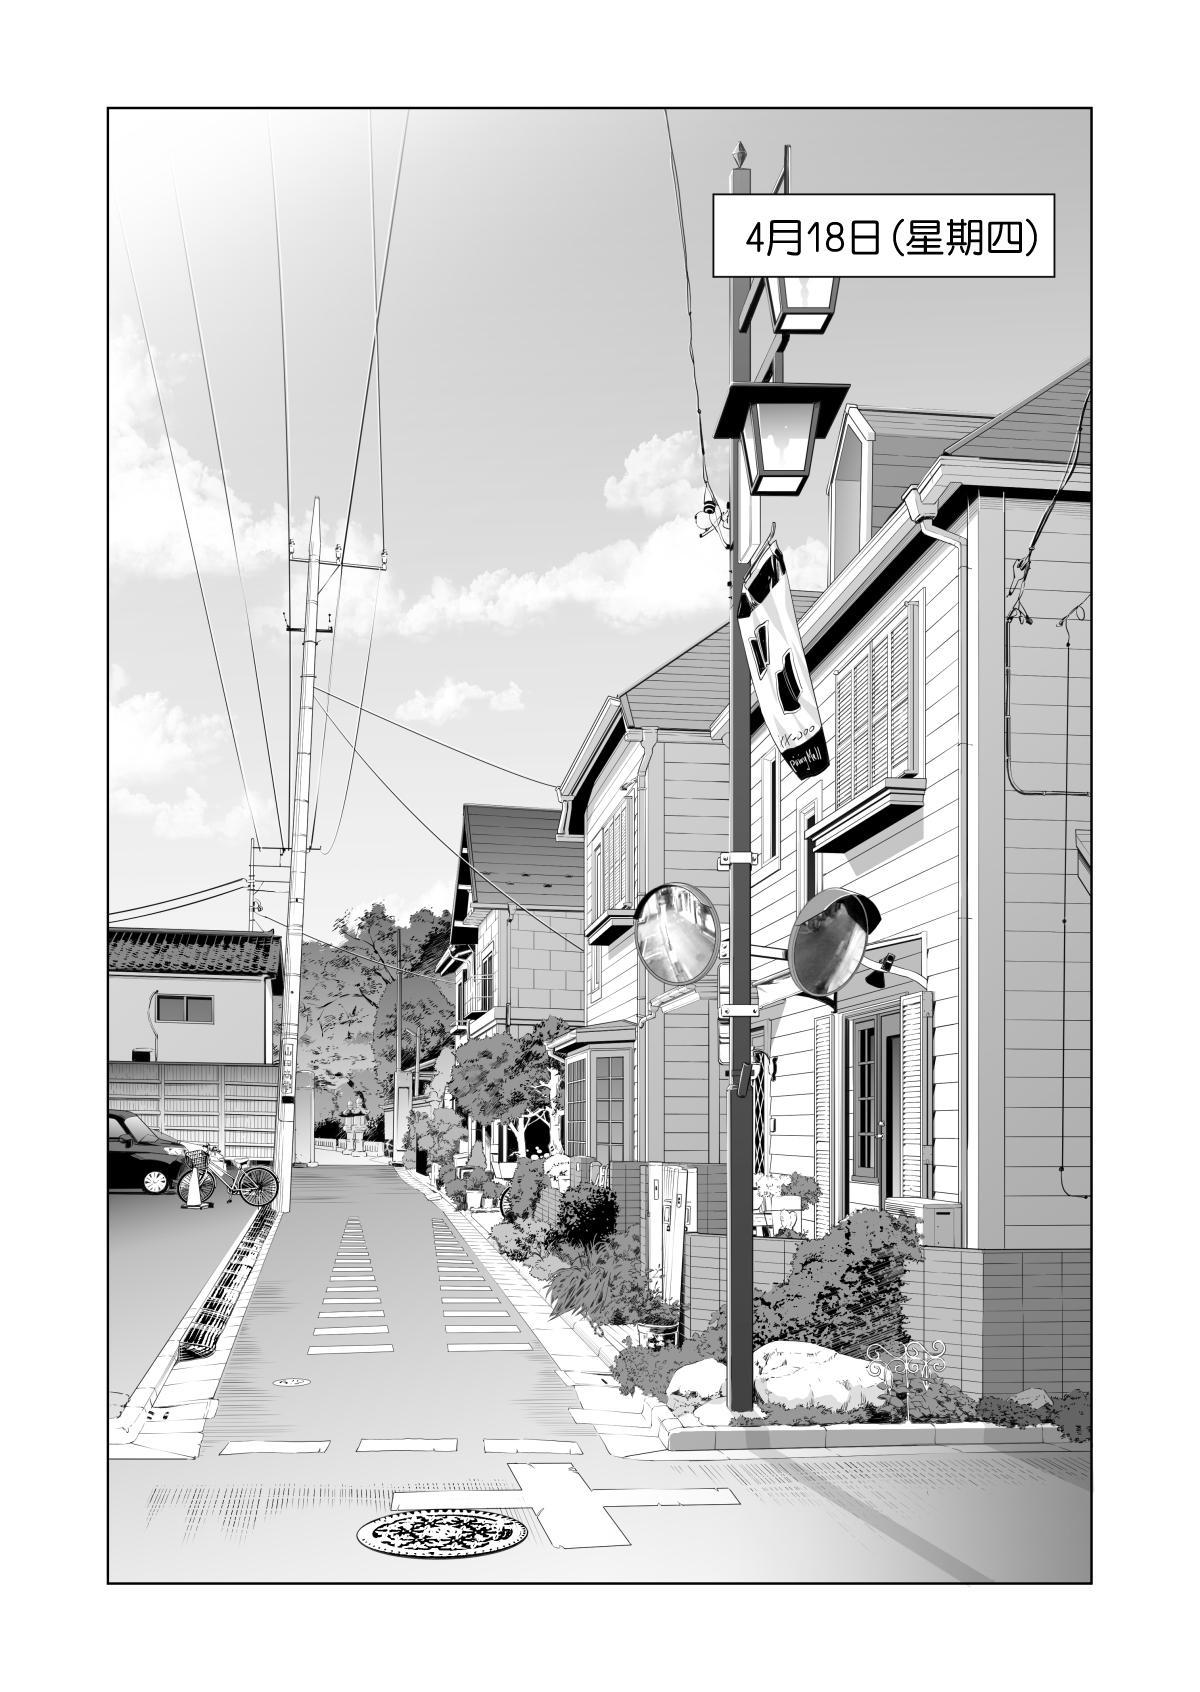 [HGT Lab (Tsusauto)] Tsukiyo no Midare Zake ~Hitozuma wa Yoitsubureta Otto no Soba de Douryou ni Netorareru~ Kouhen (CHINESE) 2